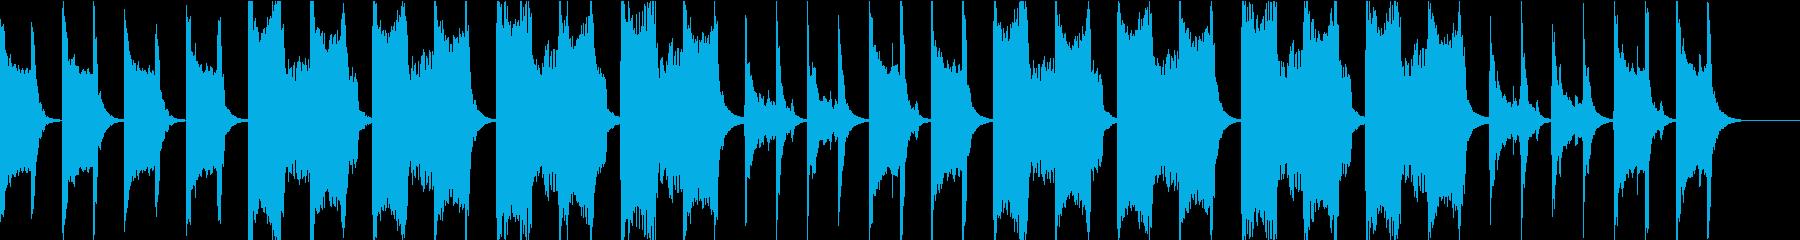 じっとりとした暗い水の洞窟のBGMの再生済みの波形